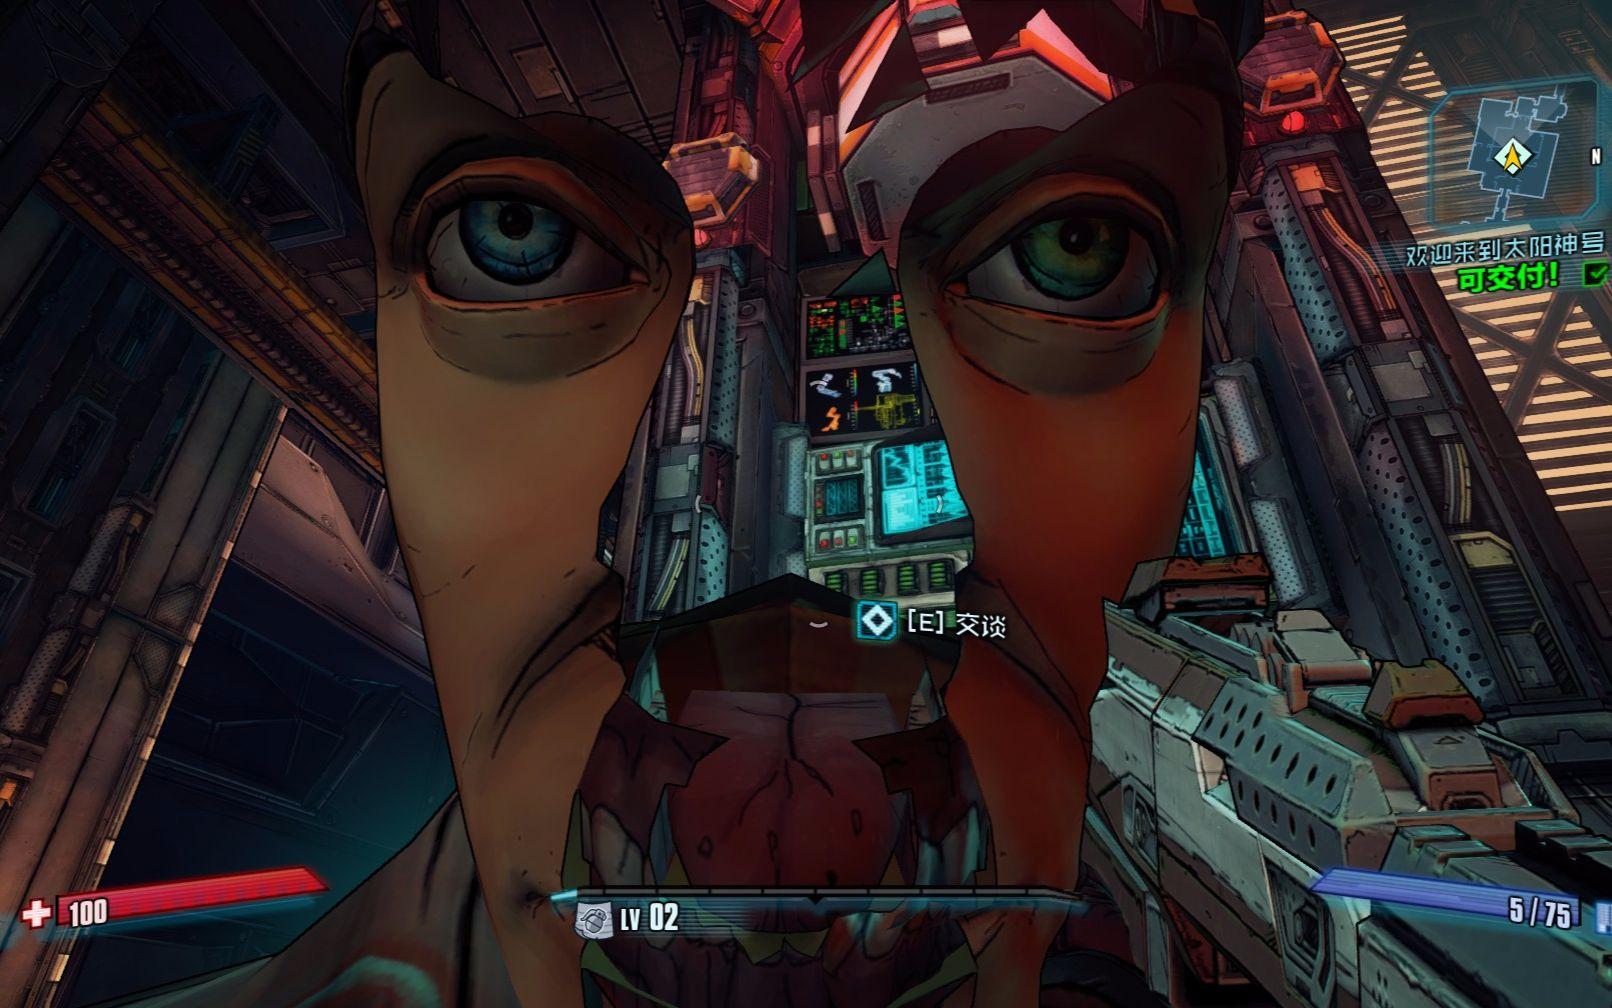 【团长】无主之地前传 第一集 英雄杰克?